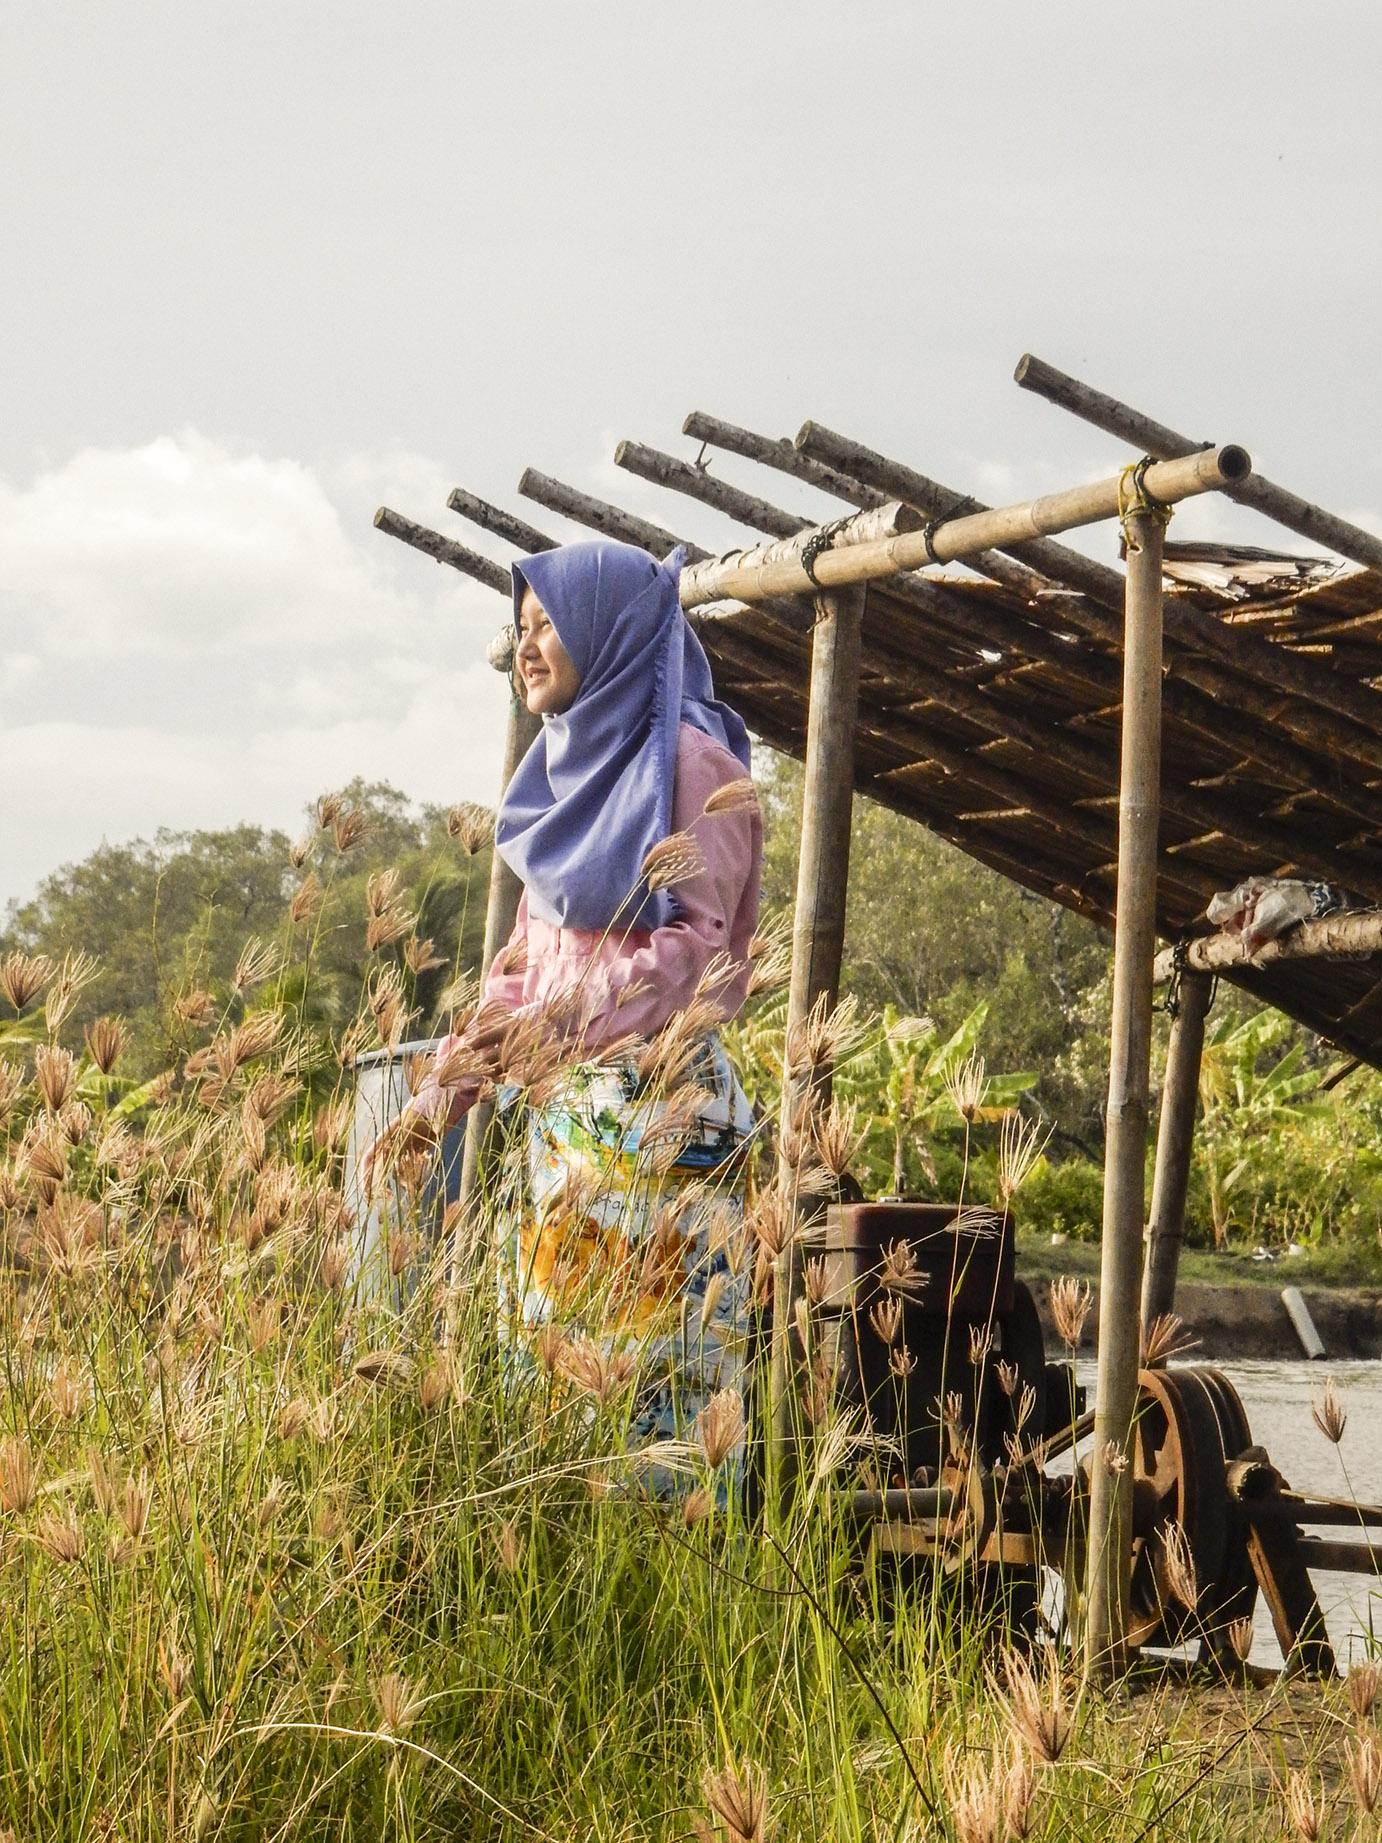 harga tiket masuk jembatan mangrove batukaras